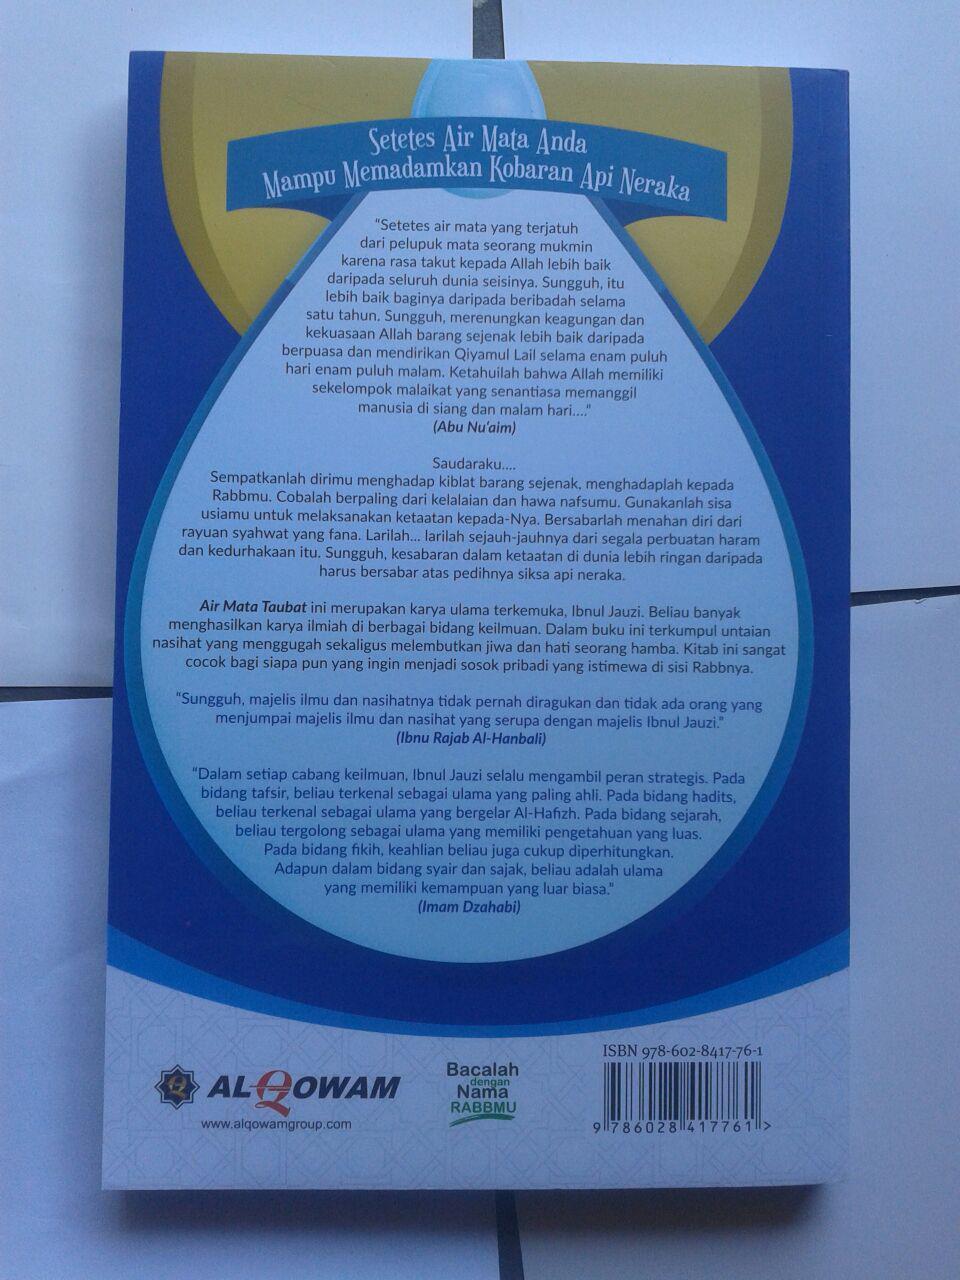 Buku Air Mata Taubat Nasihat-Nasihat Pelembut Jiwa cover 2